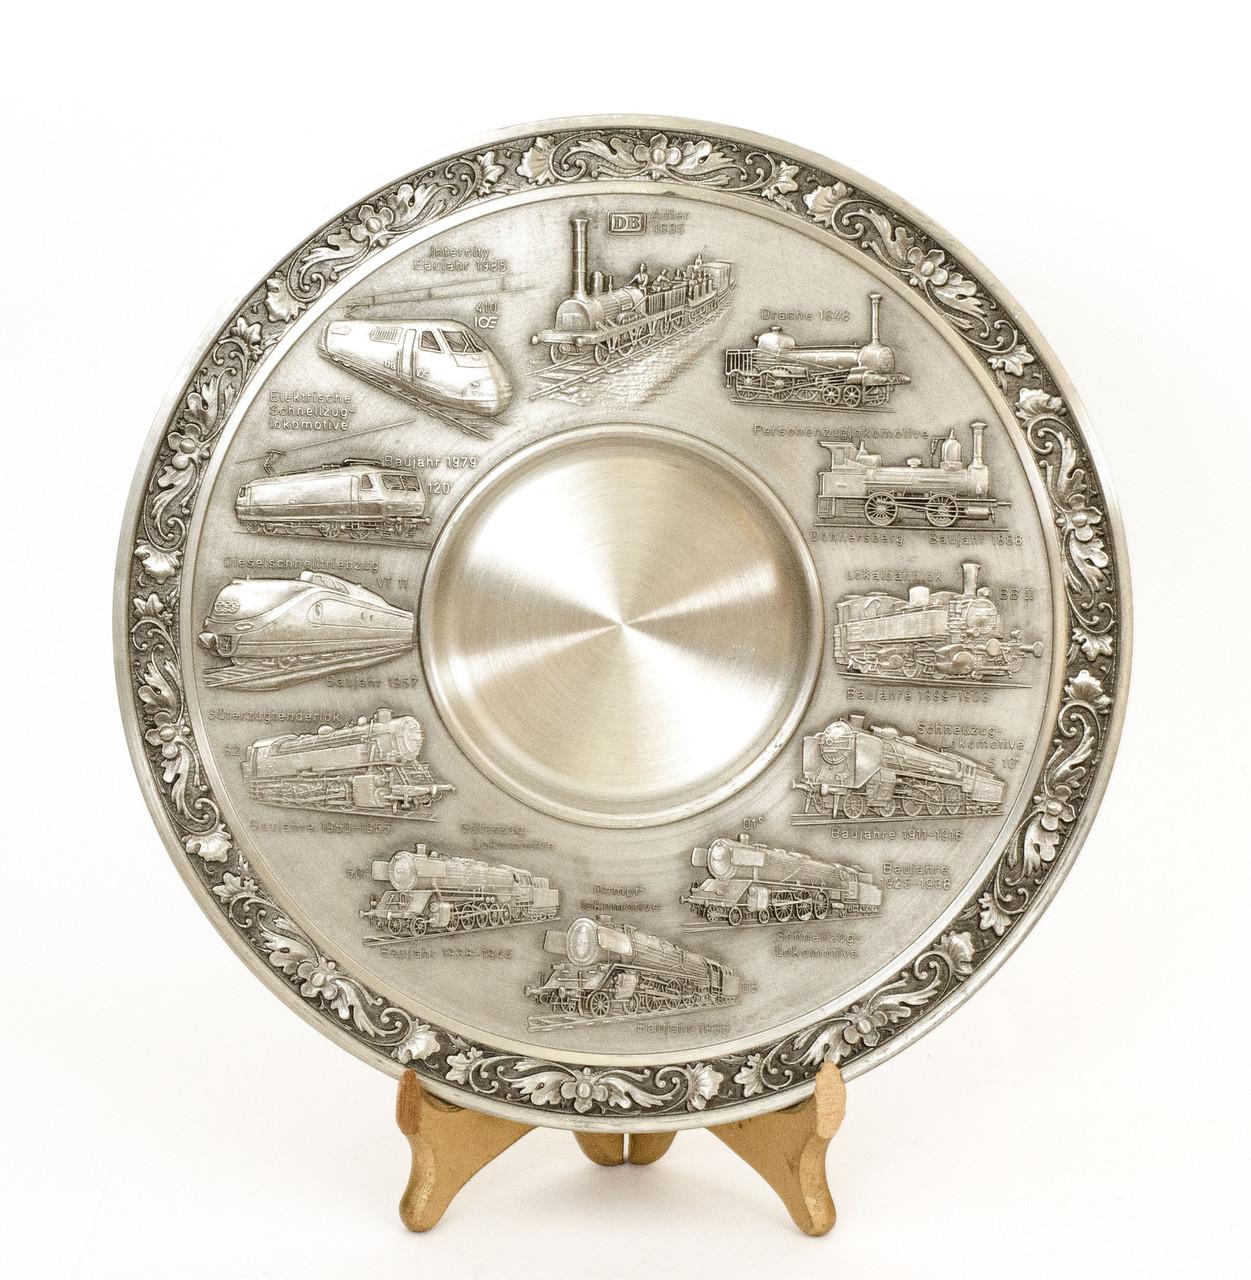 Тарелка оловянная, олово, Германия, история паровозостроения